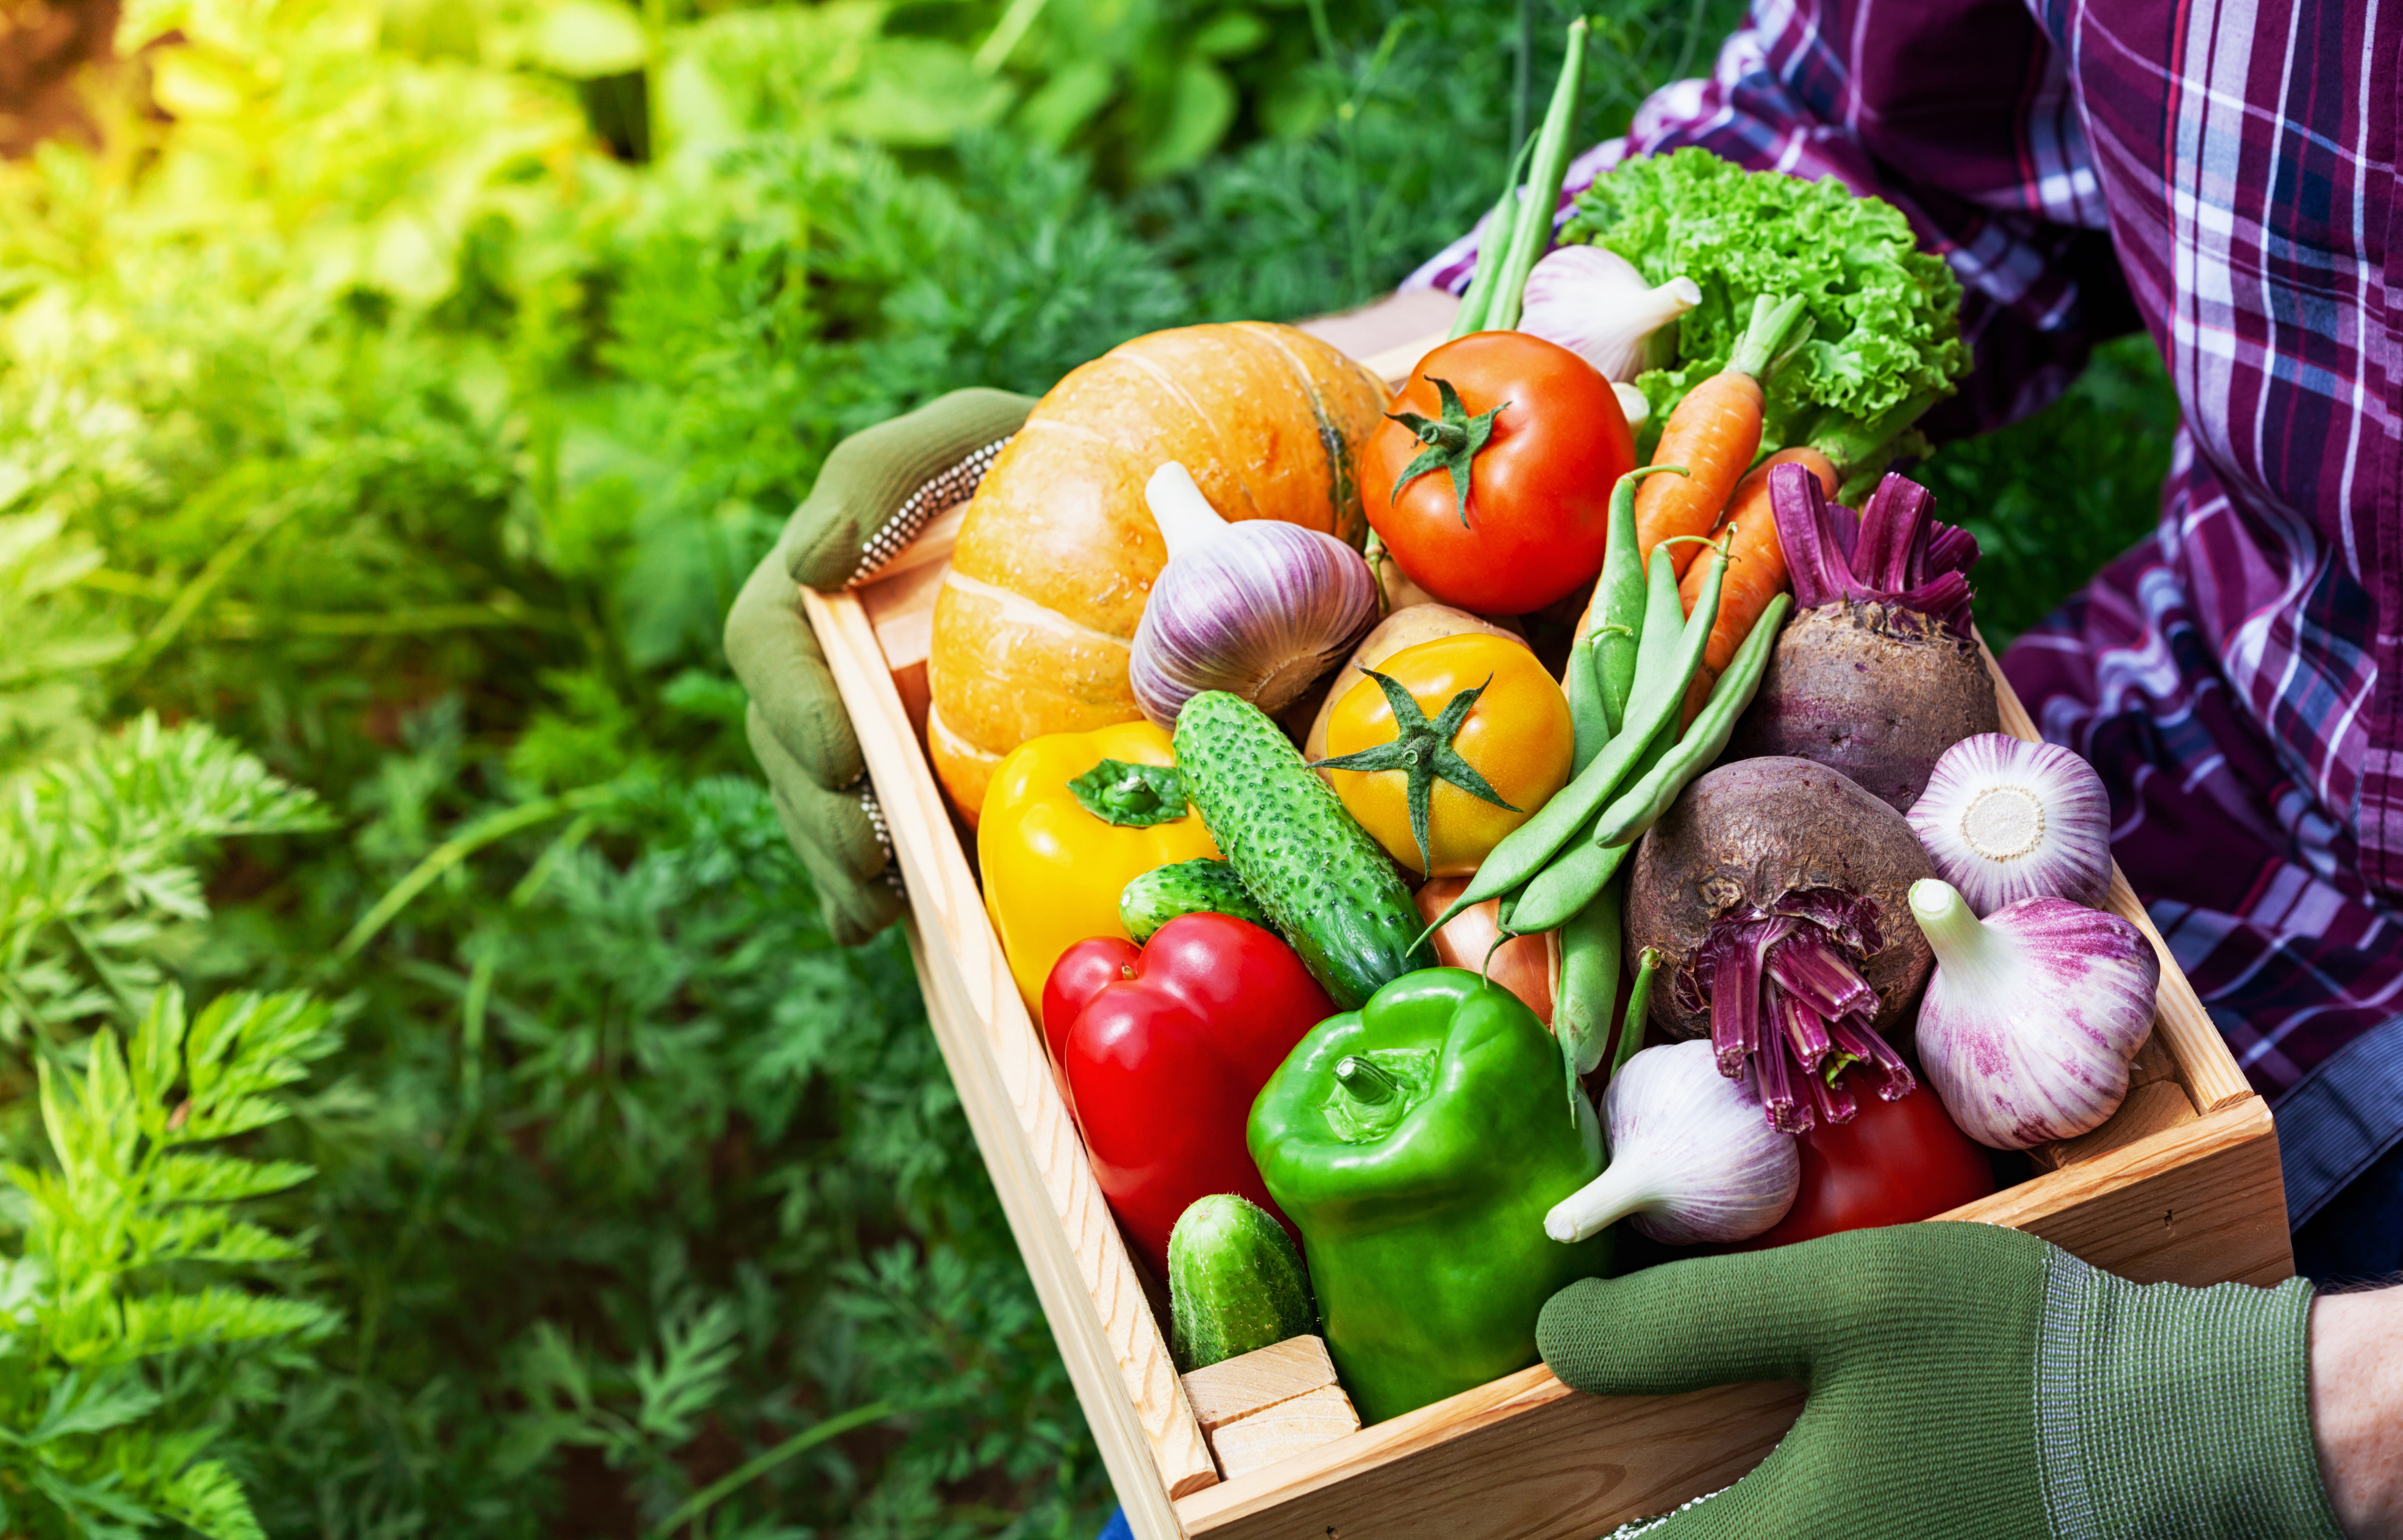 <p><strong>На 30: Атиоксиданти</strong></p>  <p>30-те са годините на появата на първите фини бръчки и бяло в косите. За да забавите процеса на стареене наблегнете на антиоксидантите. Плодовете, цветните зеленчуци и зелените листни зеленчуци са сред най-богатите на антиоксиданти храни.</p>